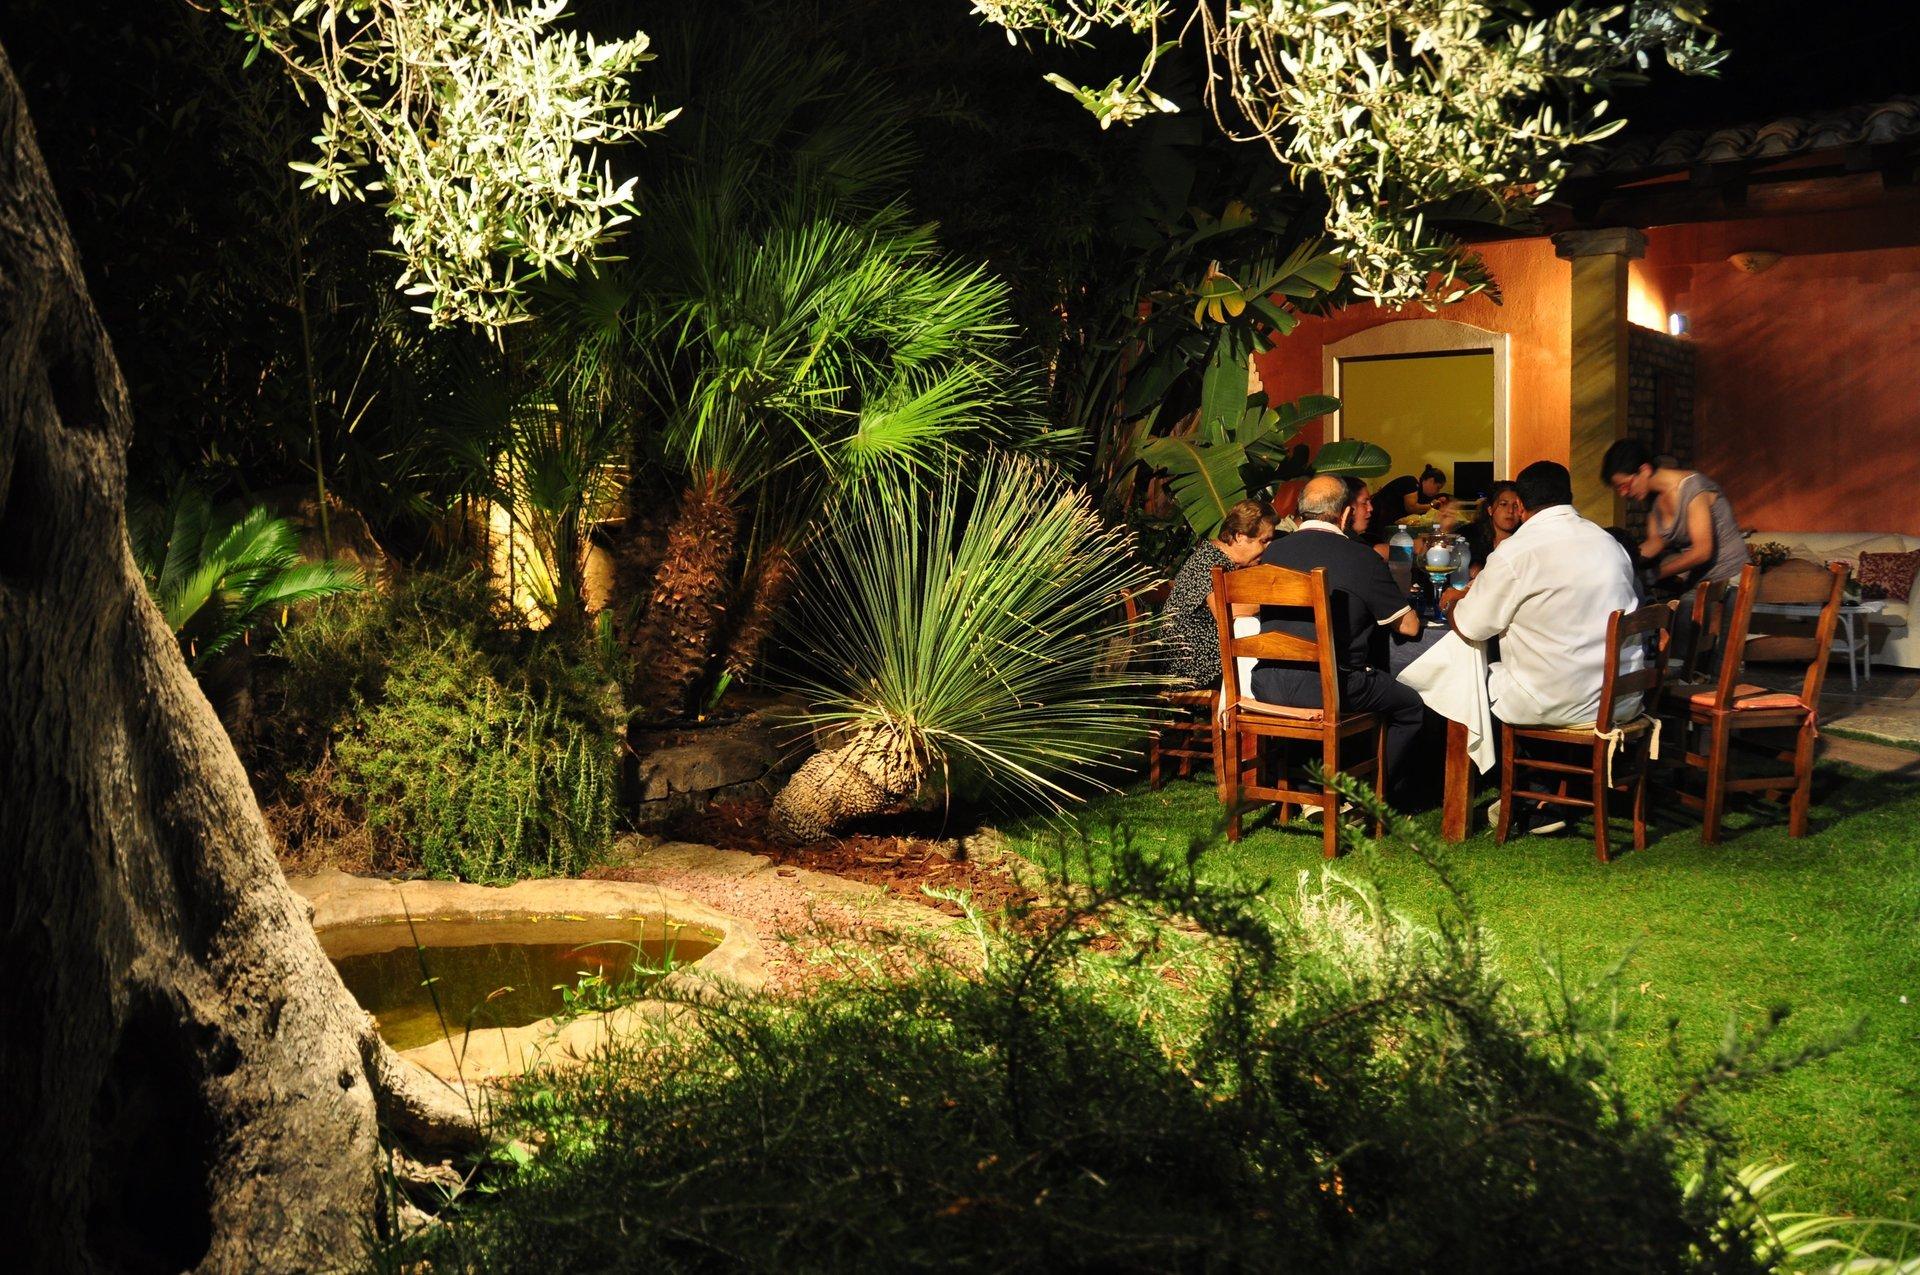 clienti mentre mangiano in una zona aperta